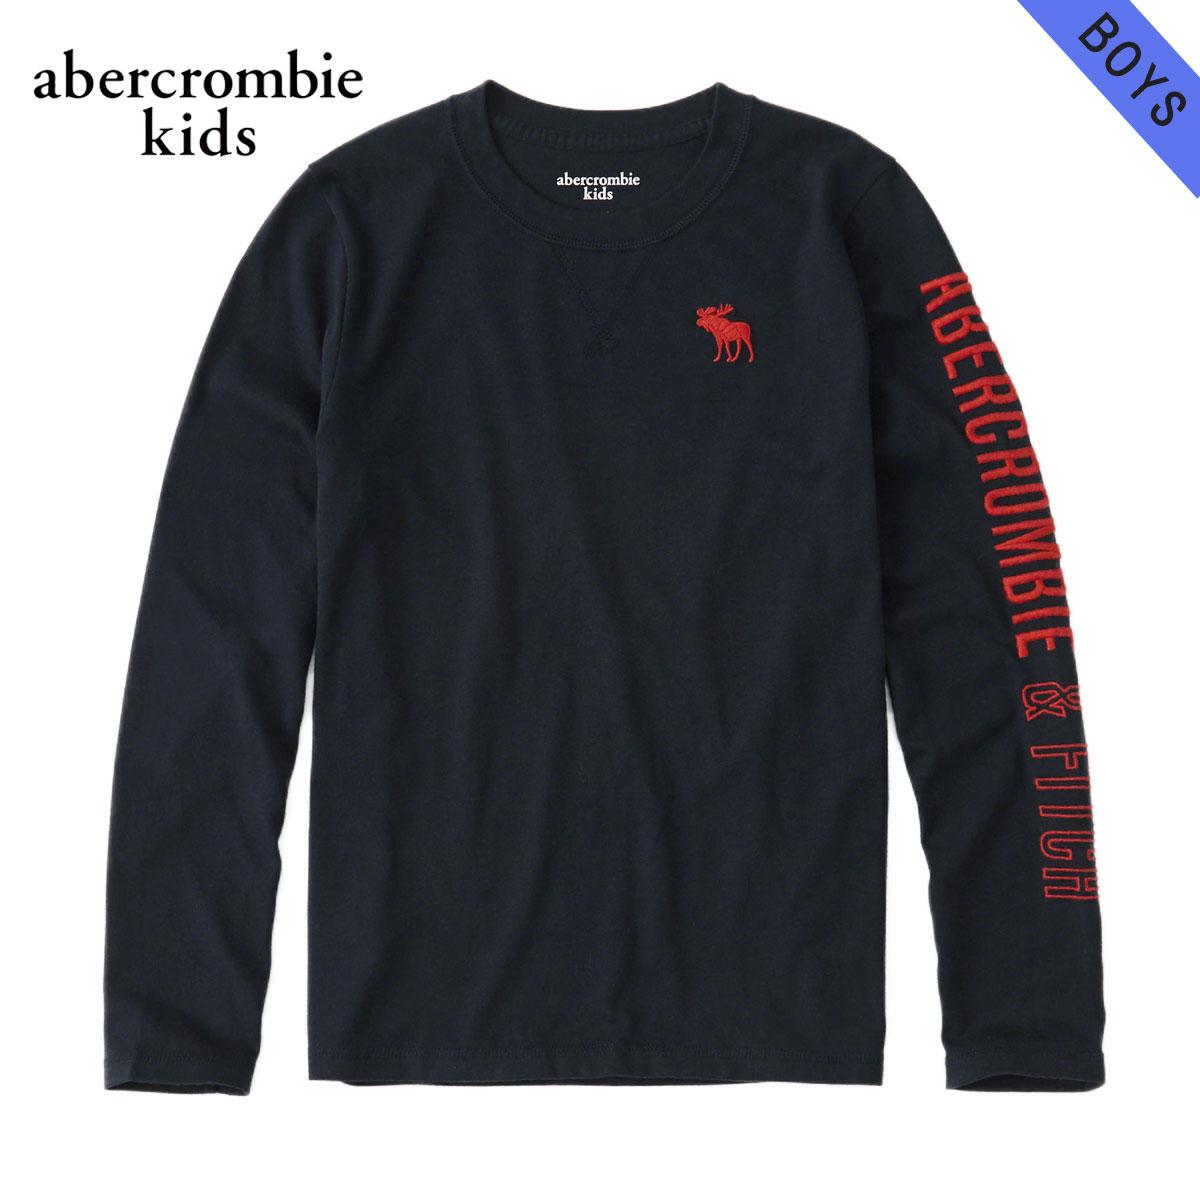 アバクロキッズ AbercrombieKids 正規品 子供服 ボーイズ クルーネック長袖Tシャツ logo graphic tee 223-616-0093-023